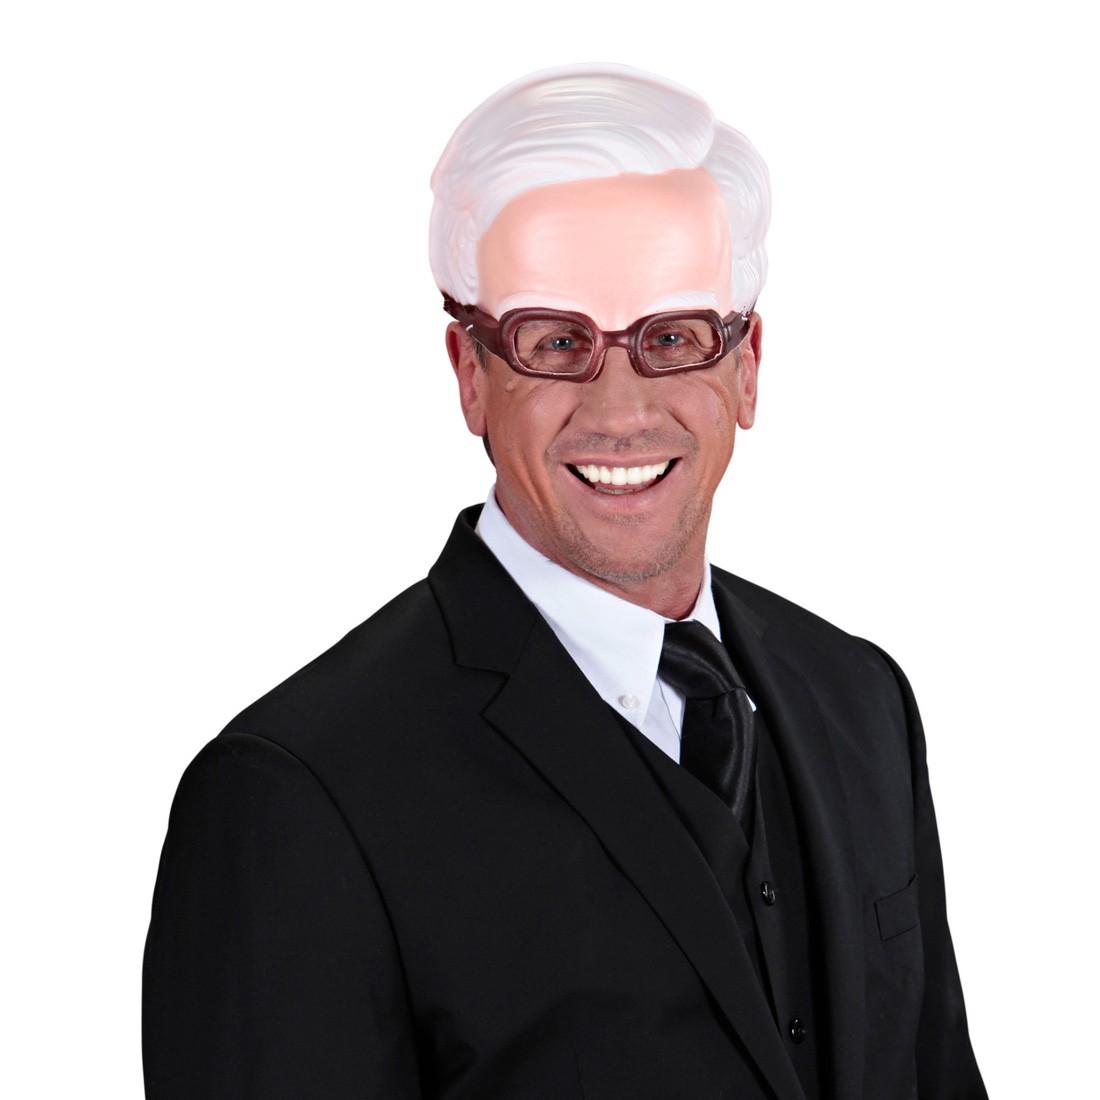 kinnlose maske opa mit brille alter mann halbmaske greis faschingsmaske gro vater gesichtsmaske. Black Bedroom Furniture Sets. Home Design Ideas